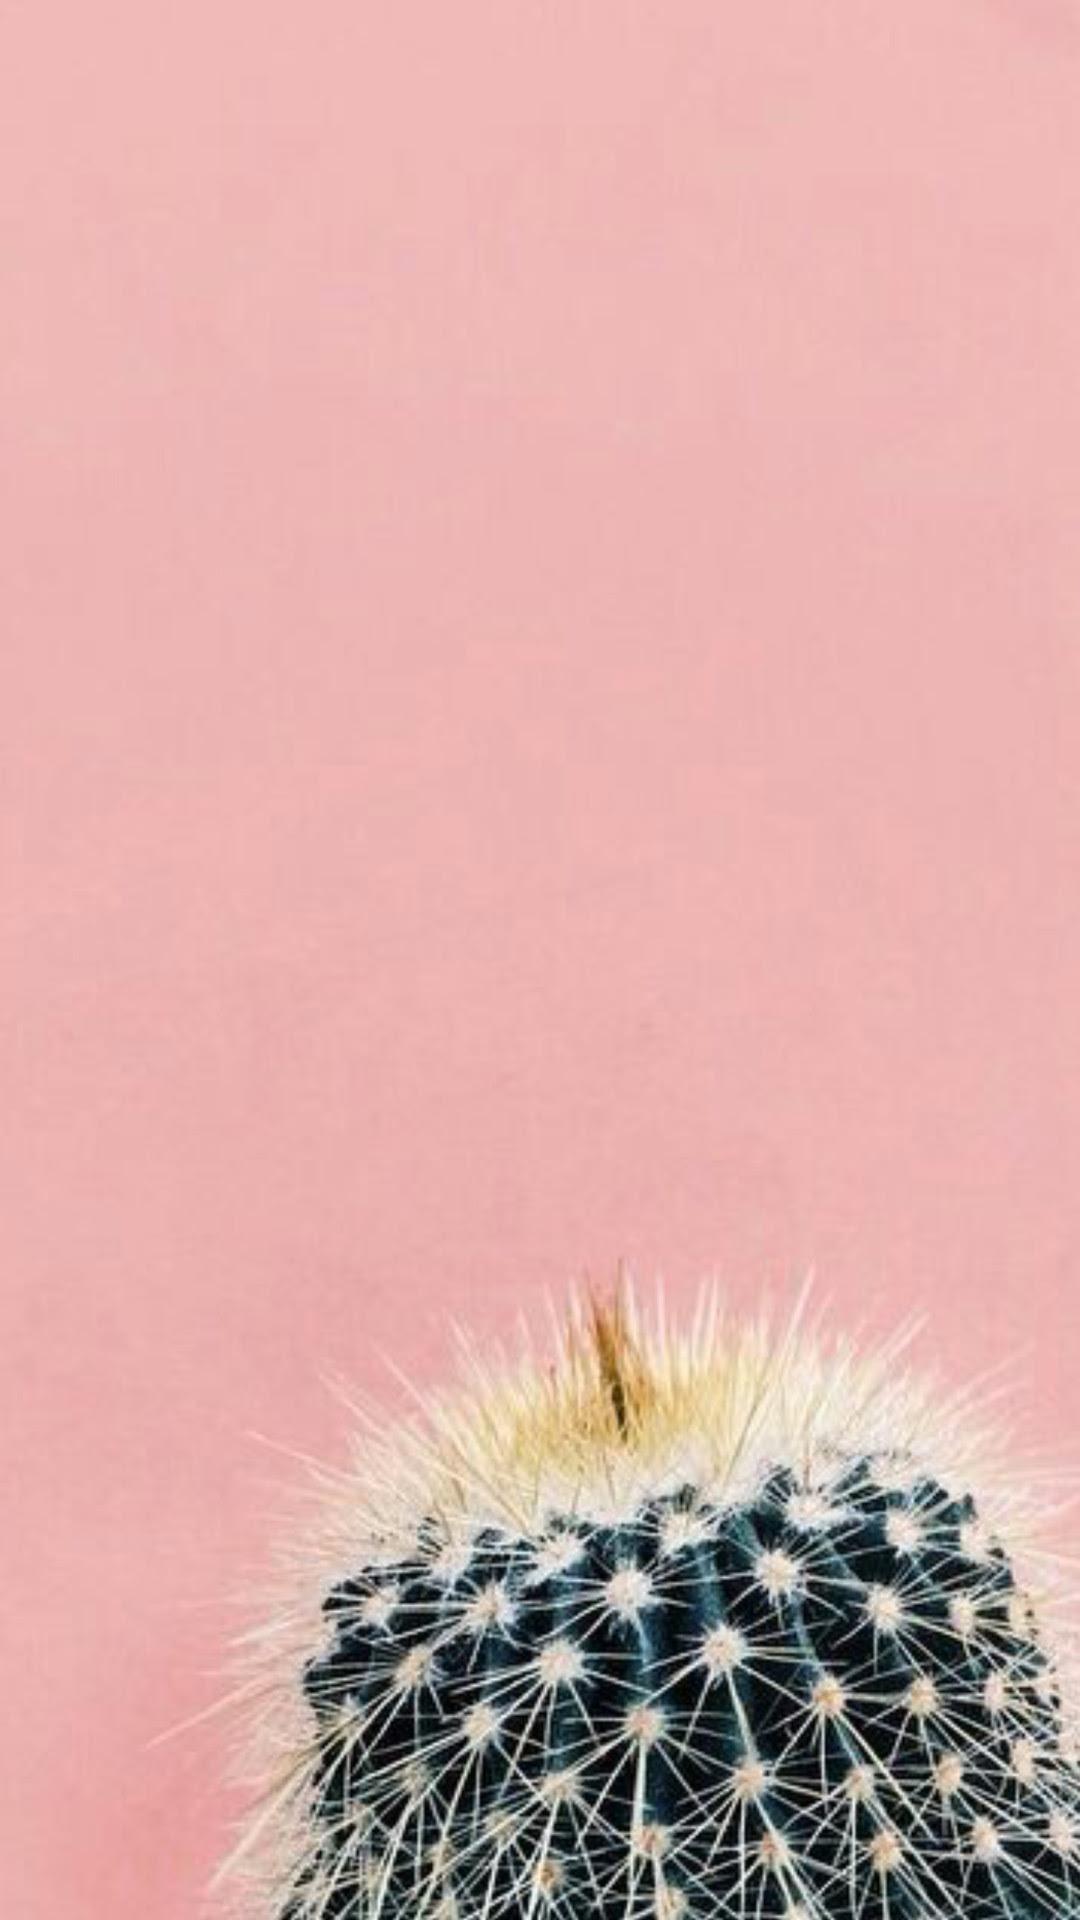 Unduh 990 Wallpaper Iphone Kaktus Terbaik